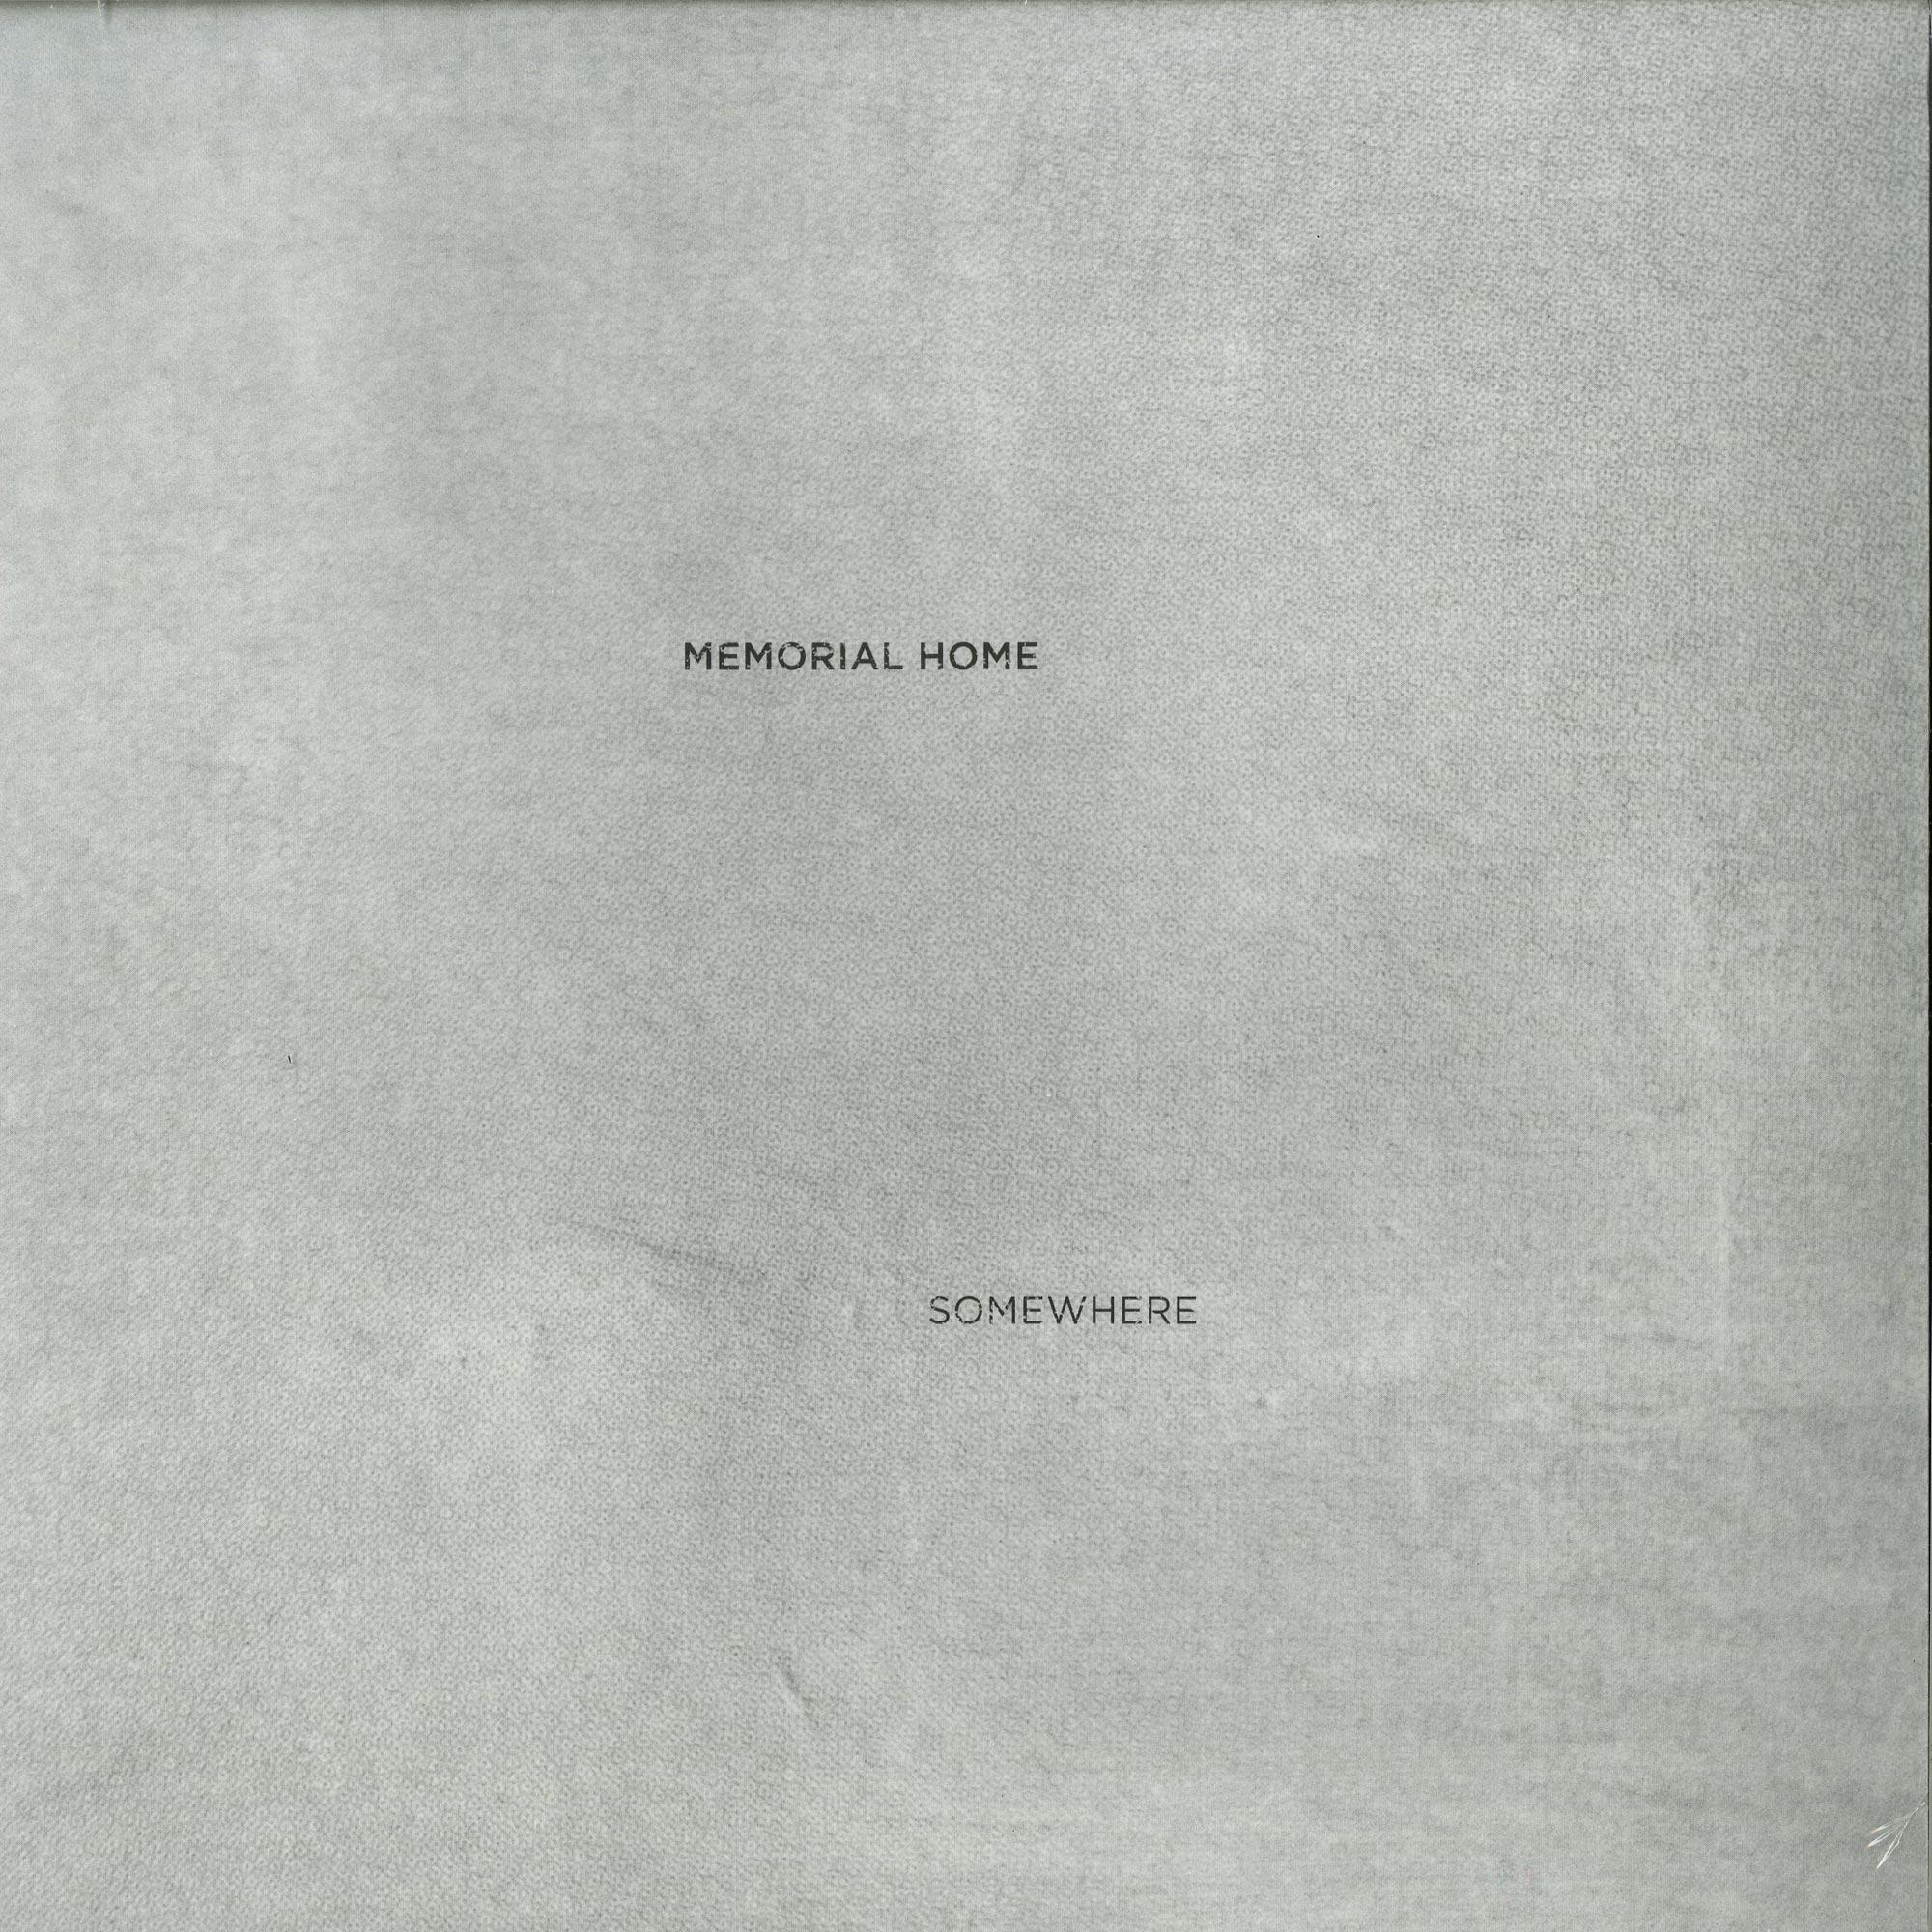 Memorial Home - SOMEWHERE EP